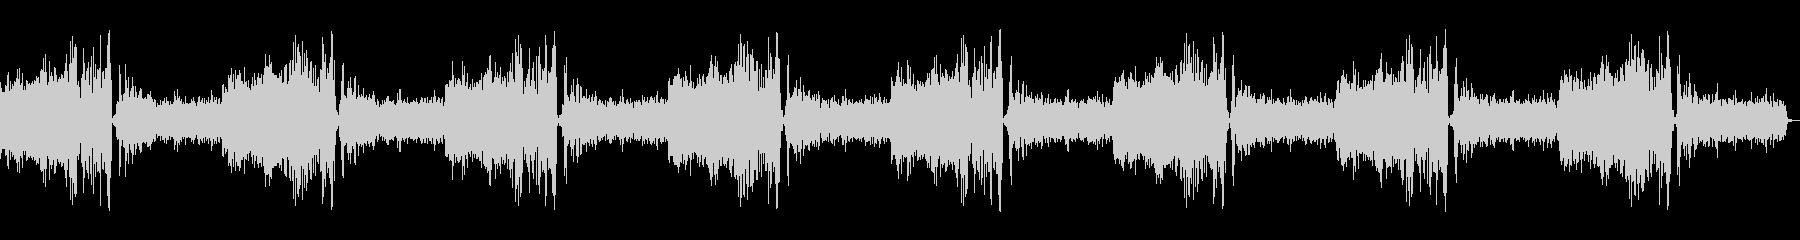 ROGUE ANDROID WAL...の未再生の波形